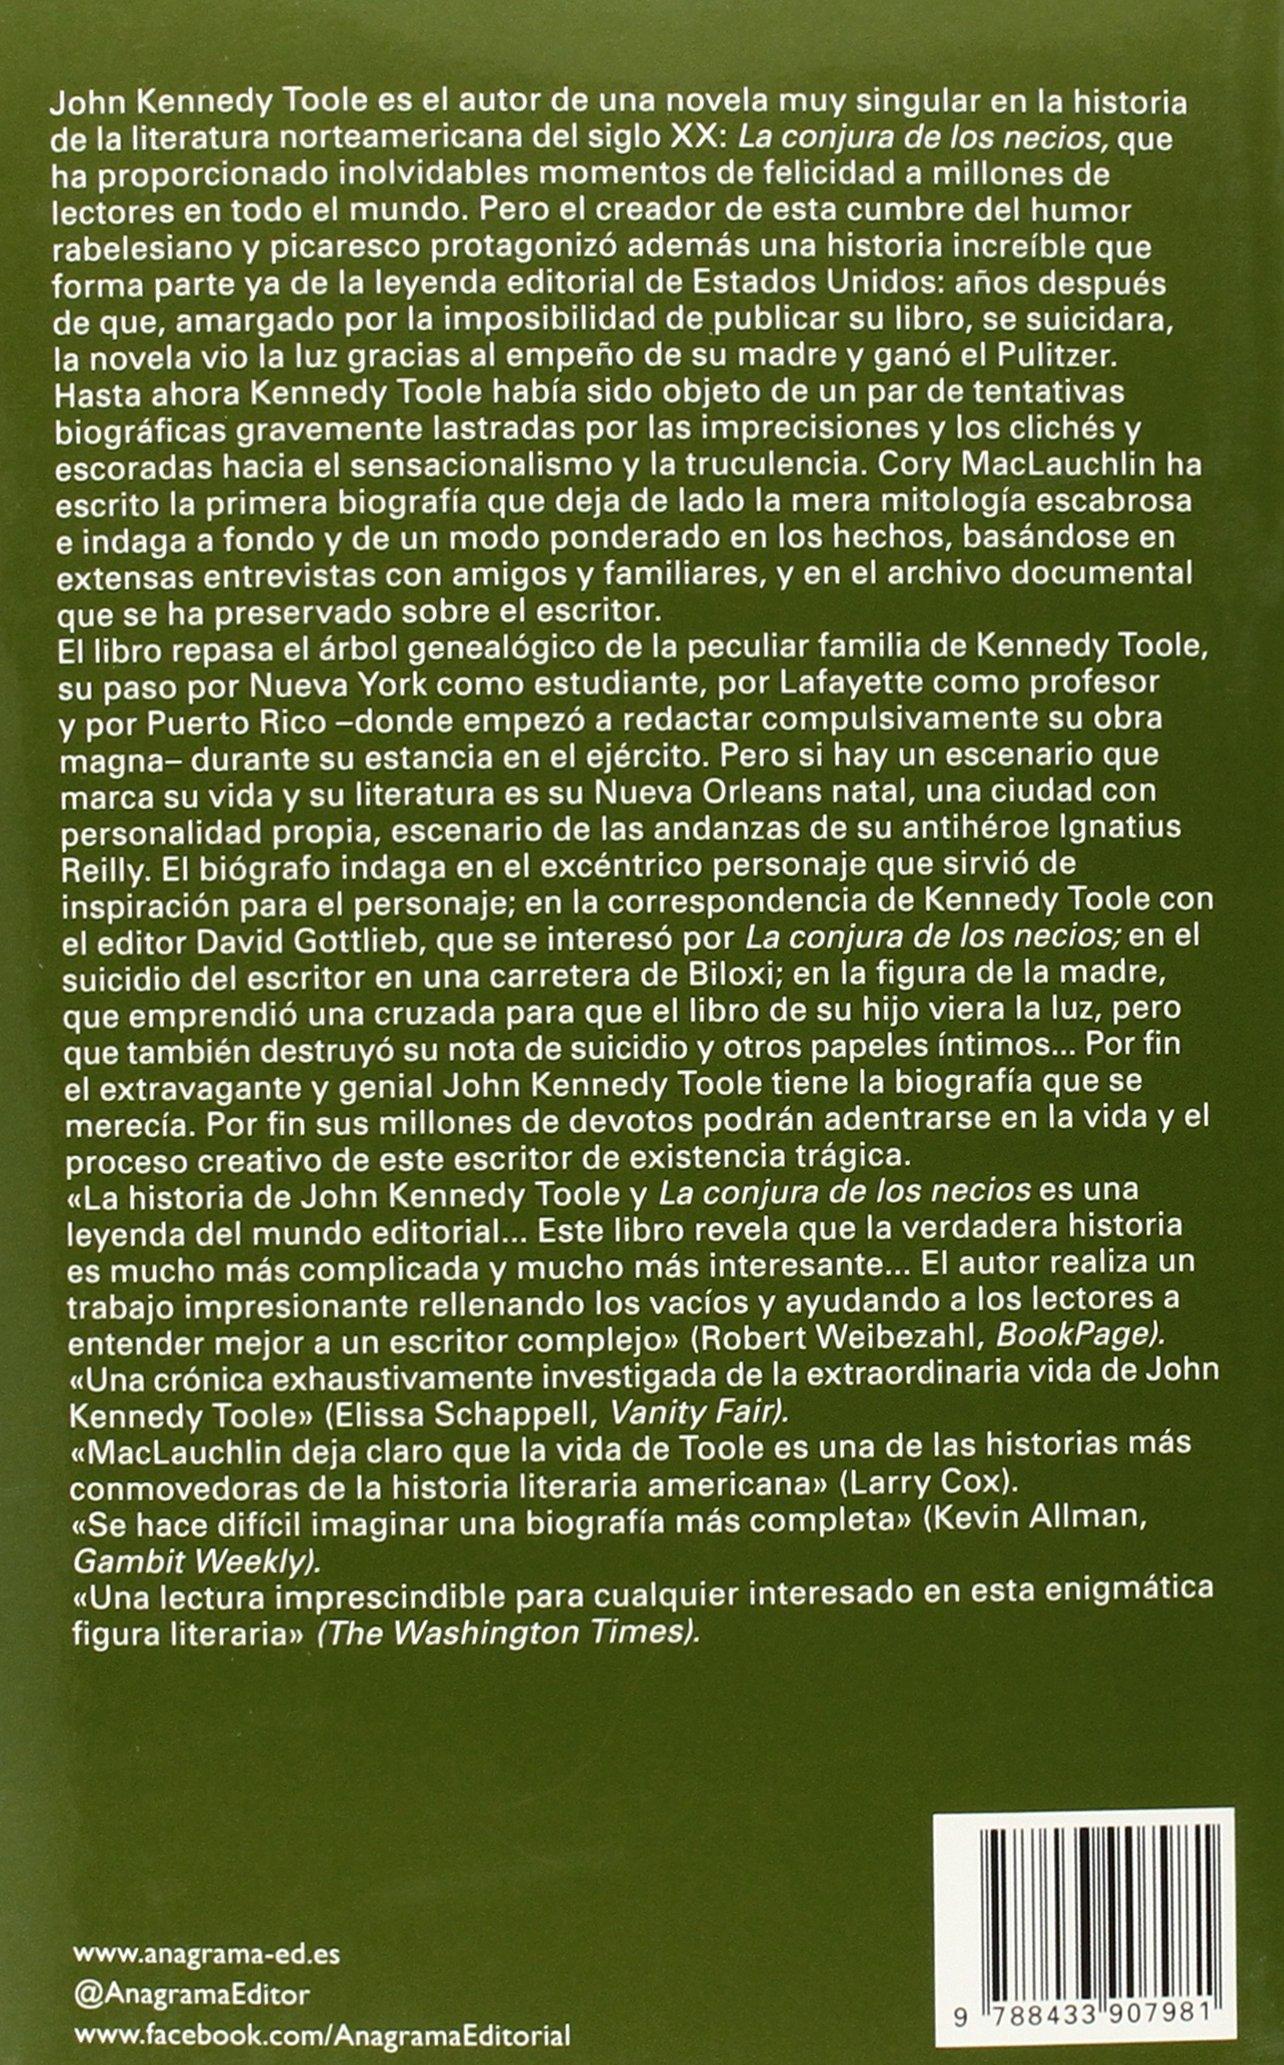 Una mariposa en la maquina de escribir (Biblioteca De La Memoria) (Spanish Edition): Cory Maclauchlin: 9788433907981: Amazon.com: Books